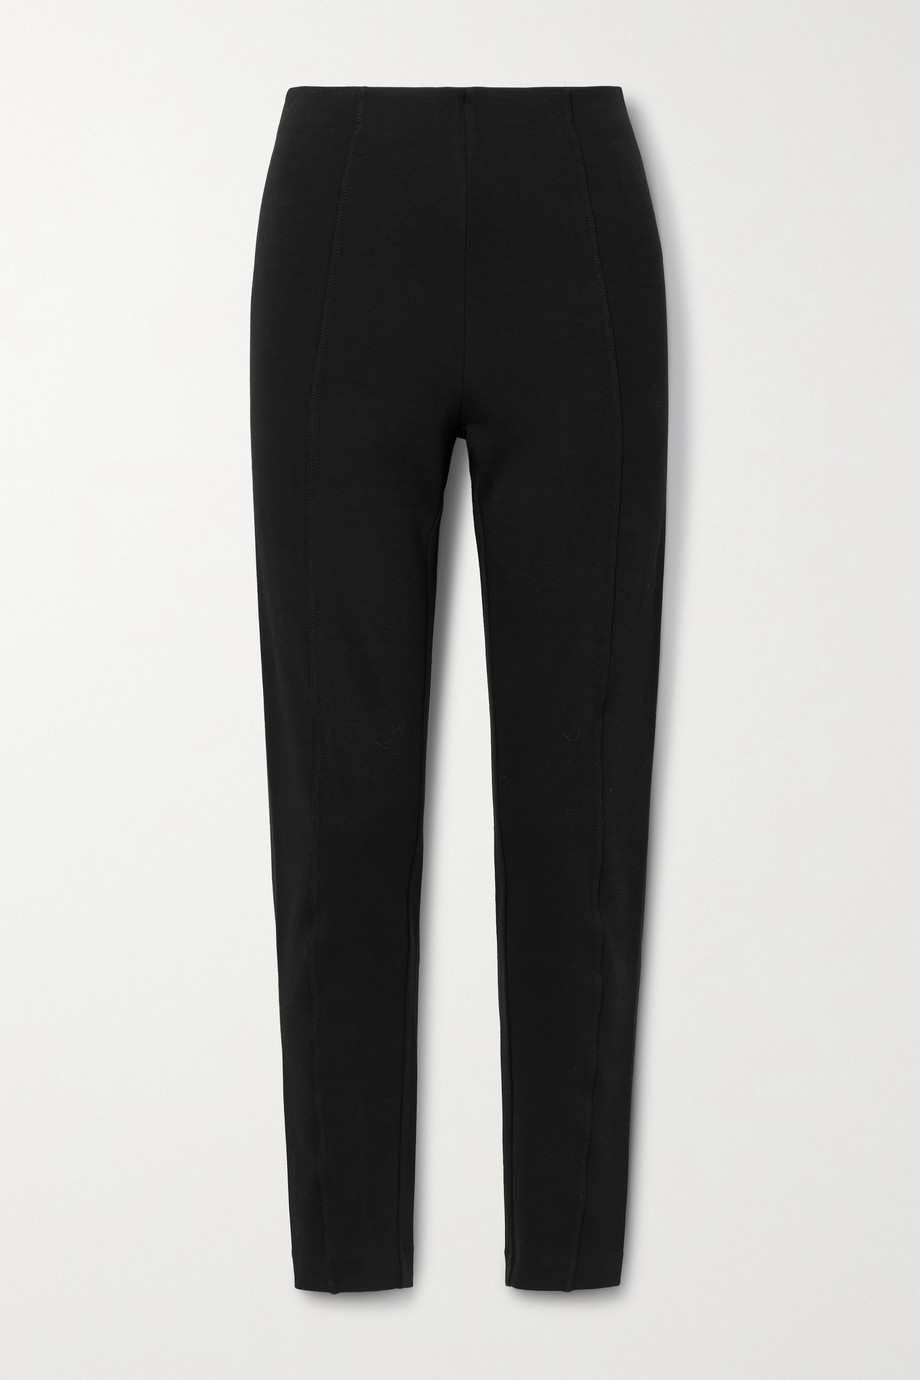 Ninety Percent Pantalon slim en jersey de coton biologique mélangé - NET SUSTAIN